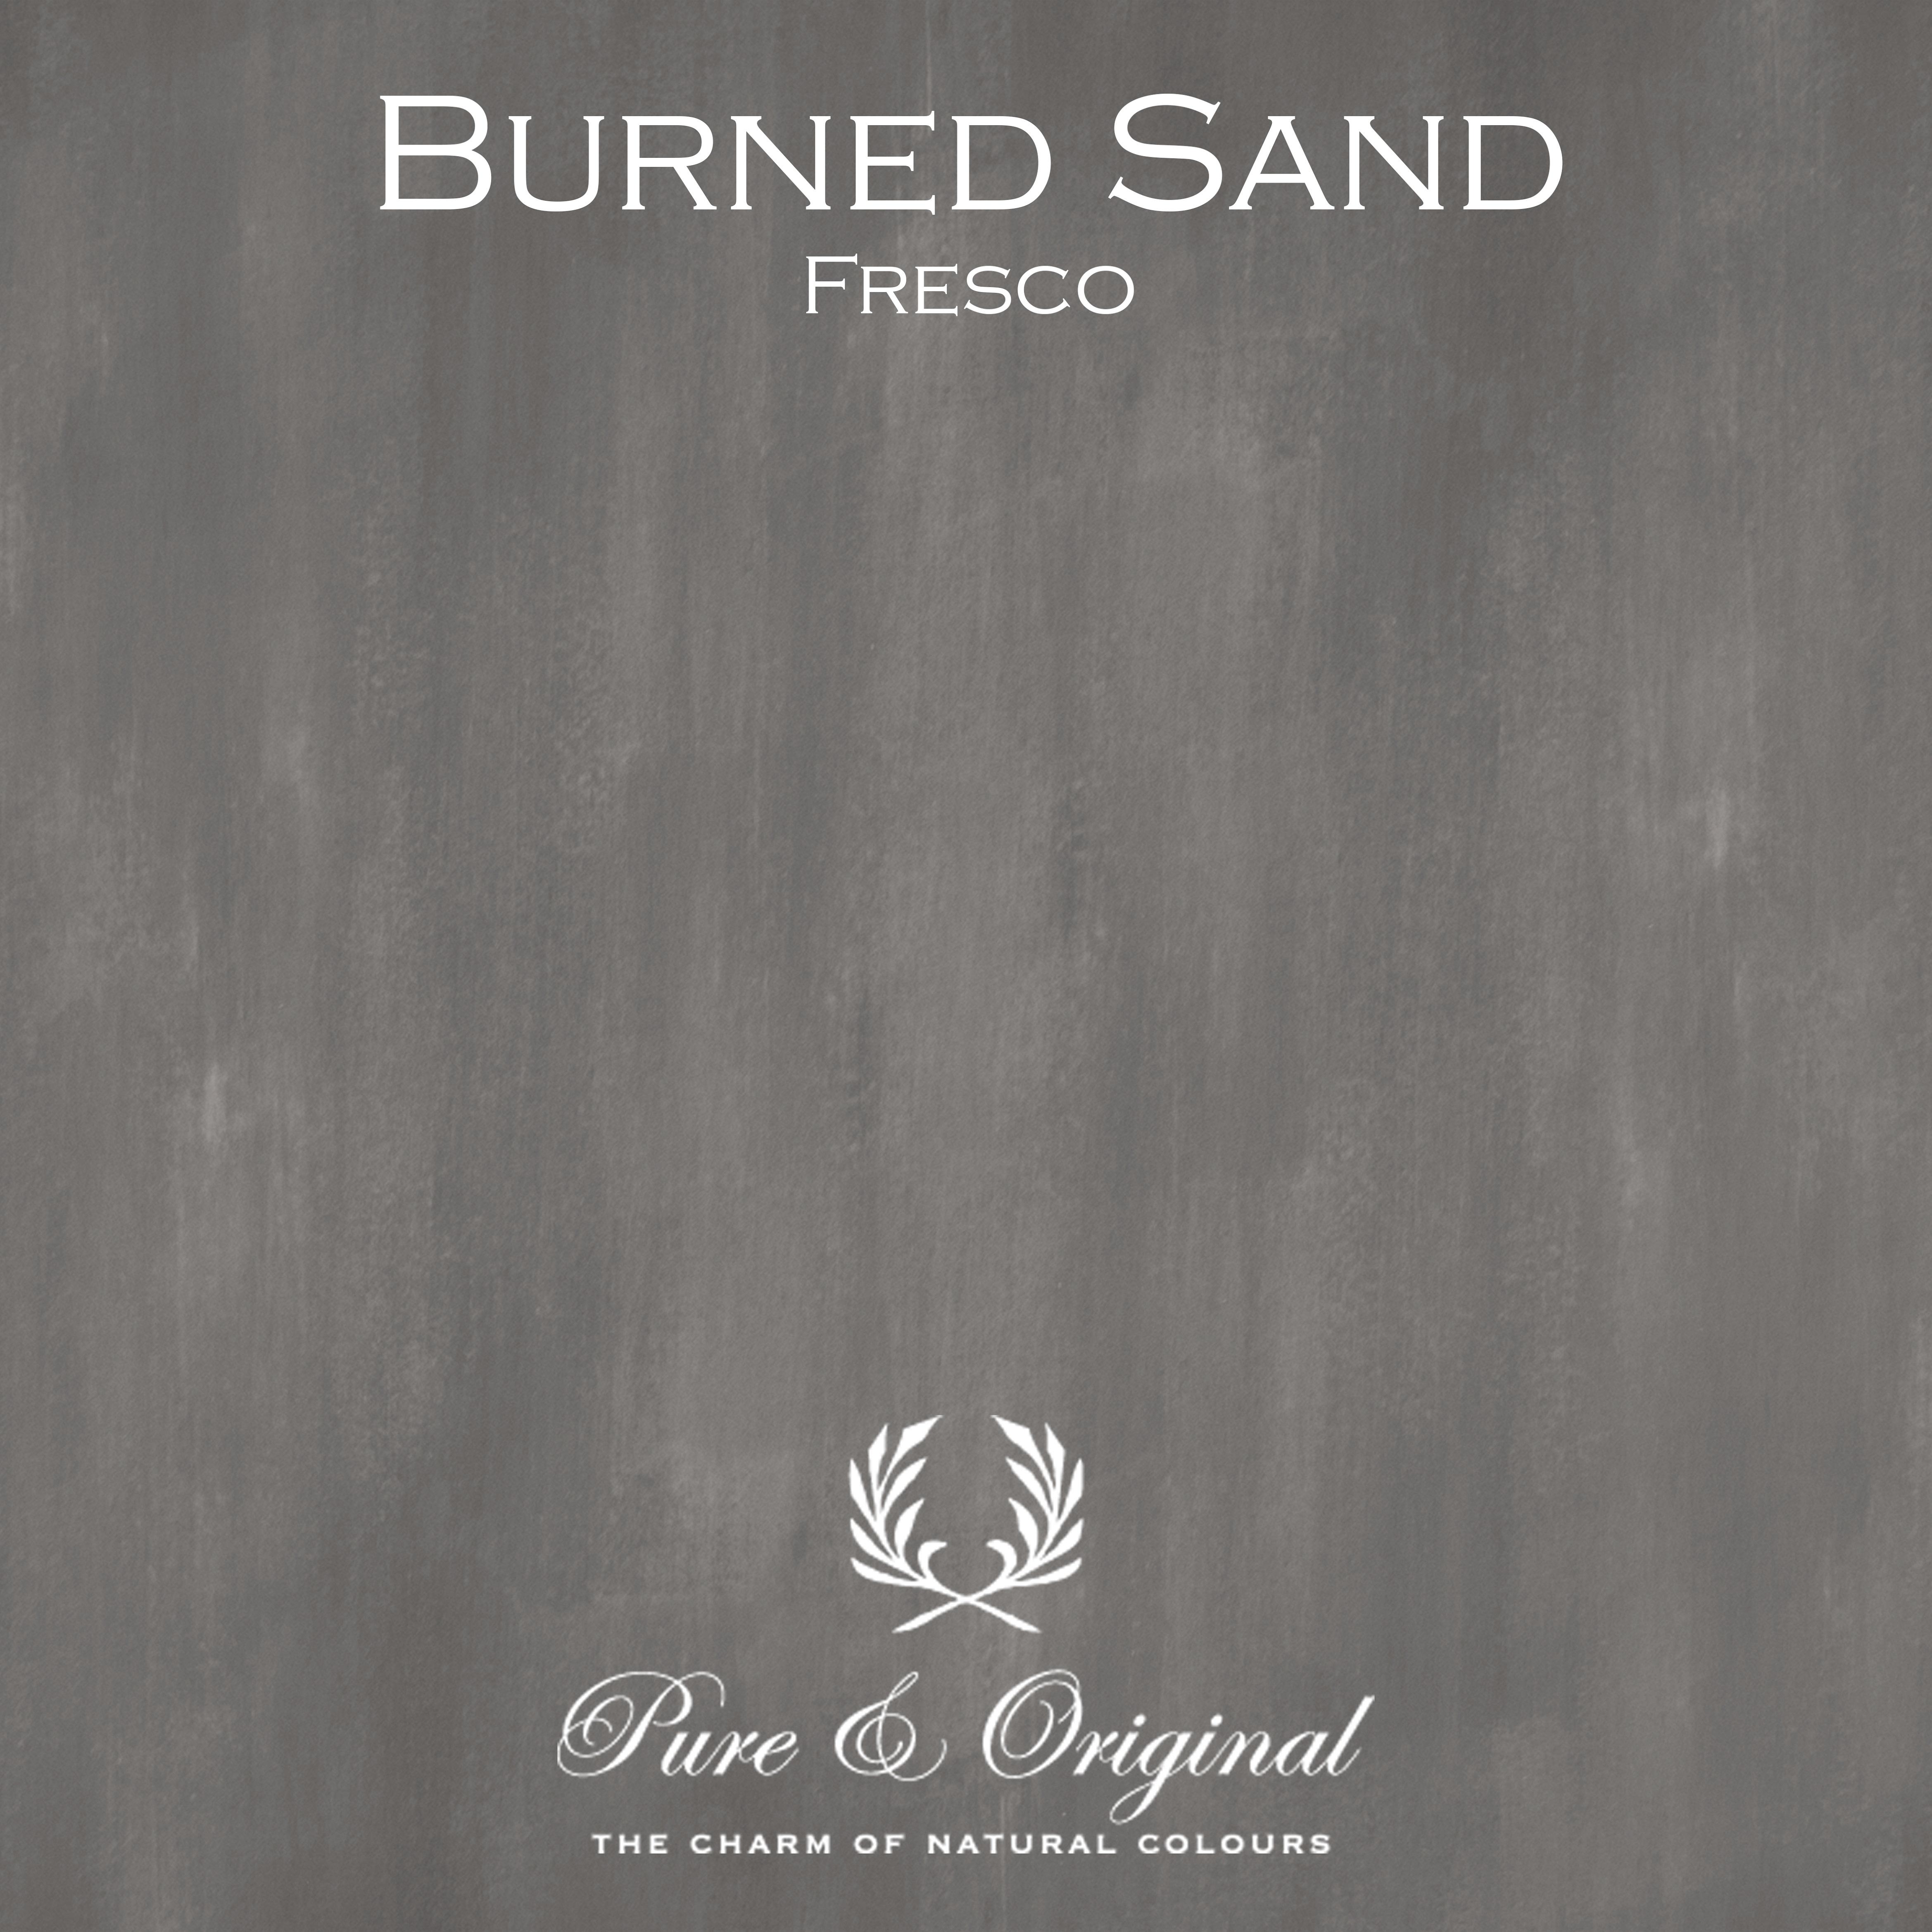 Kulör Burned Sand, Fresco kalkfärg